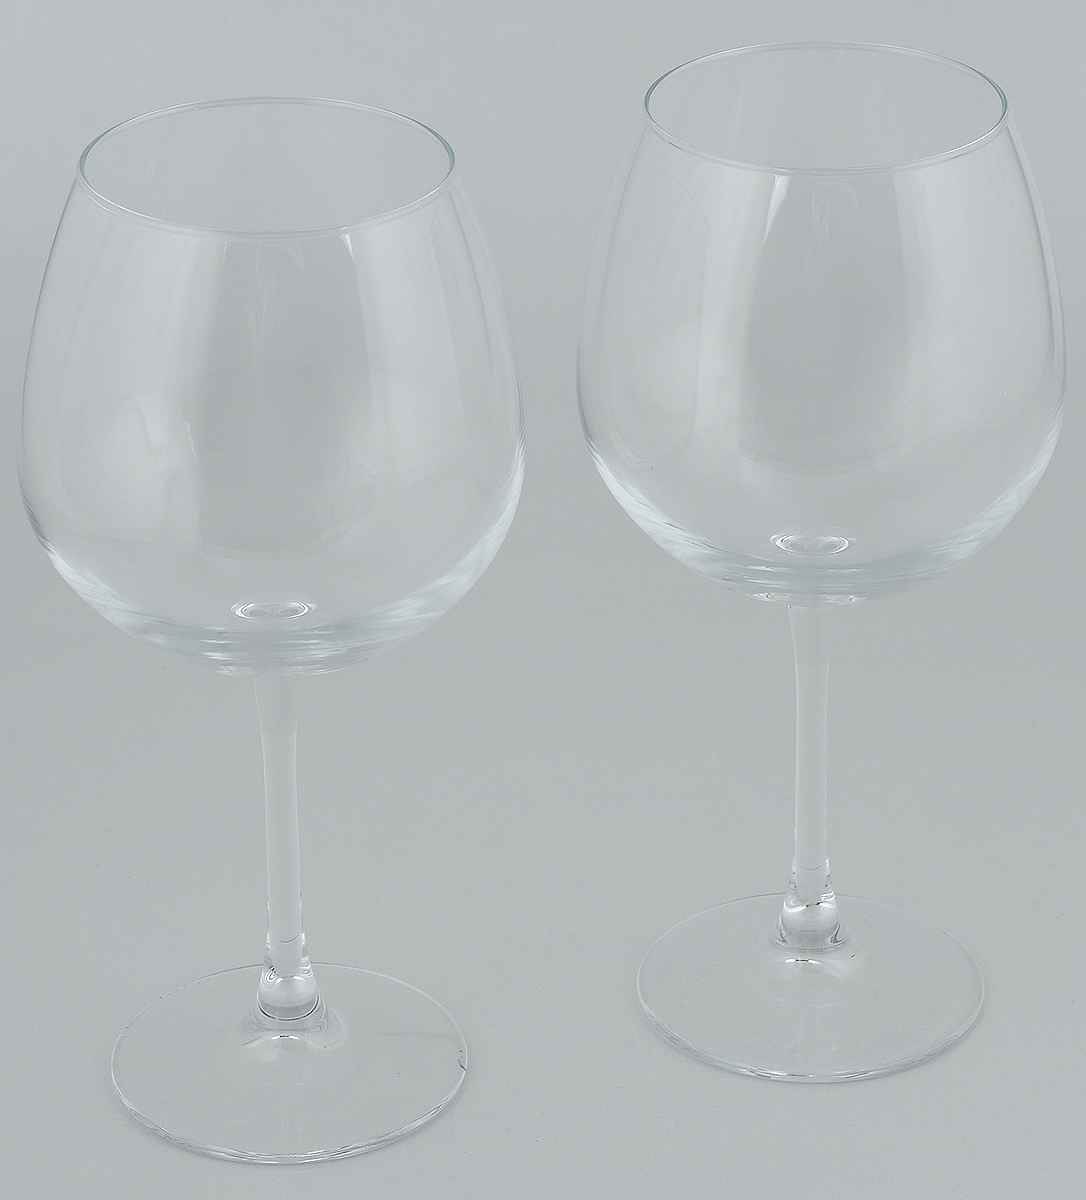 """Набор Pasabahce """"Enoteca"""" состоит из двух бокалов, выполненных из прочного  натрий-кальций-силикатного стекла. Изделия оснащены  высокими ножками и предназначены для подачи вина. Они  сочетают в себе элегантный дизайн и функциональность.  Набор бокалов Pasabahce """"Enoteca"""" прекрасно оформит праздничный стол и  создаст  приятную атмосферу за романтическим ужином. Такой набор также станет  хорошим подарком к любому случаю.  Высота бокала: 24 см."""